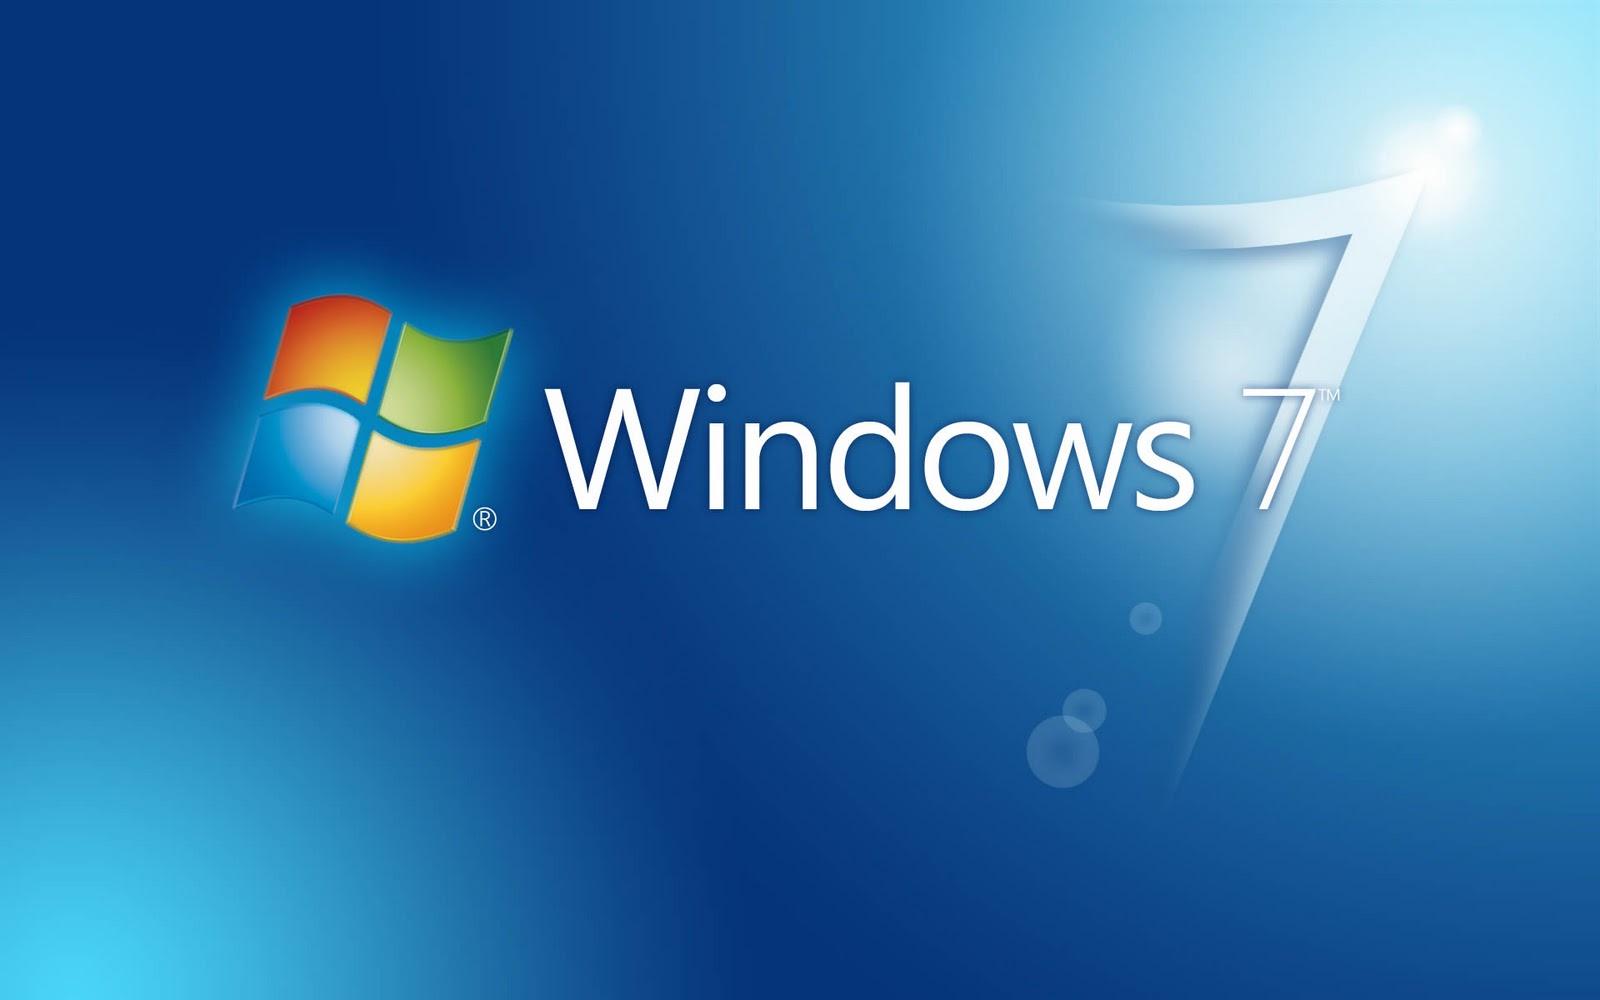 http://4.bp.blogspot.com/-mo64vfPPB1o/Txxd4L6FoPI/AAAAAAAAAck/ZRdGZdGJIOw/s1600/imagem_windows7_wallpaper.jpg